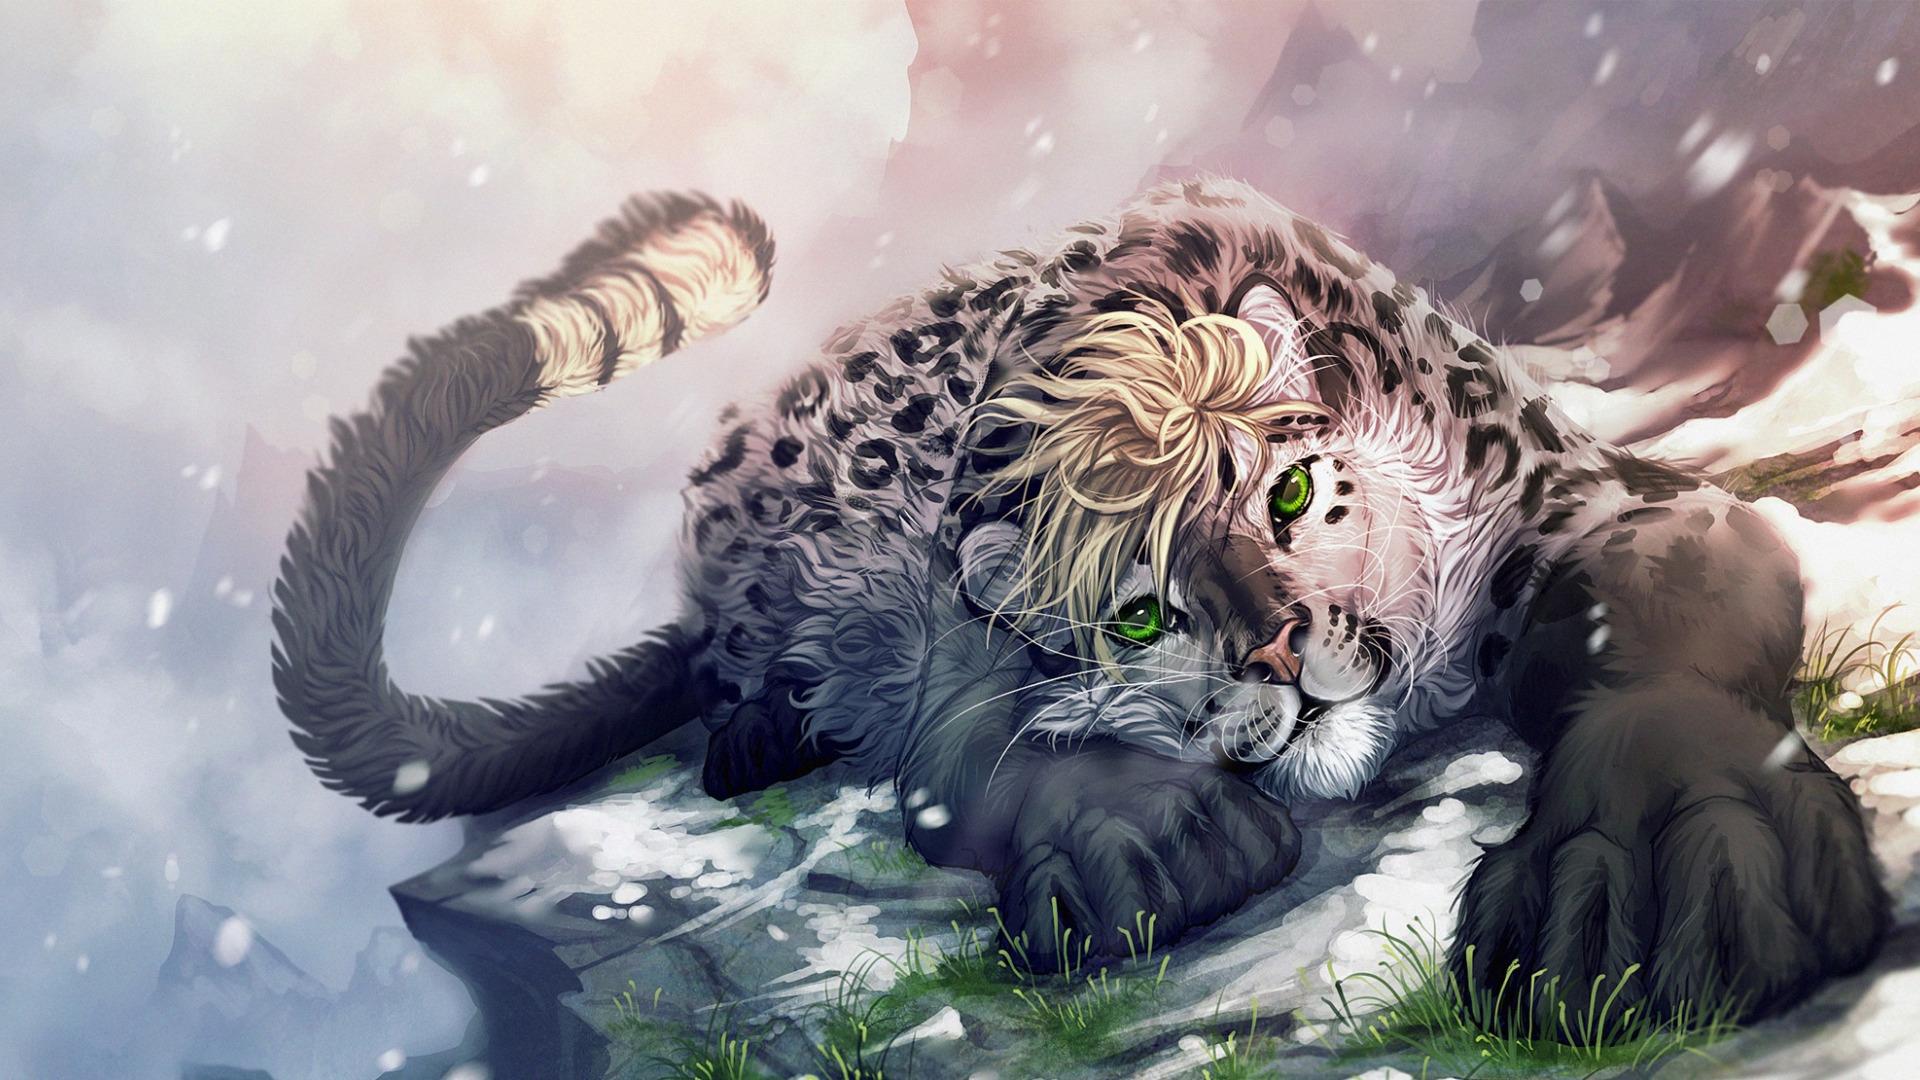 картинки фэнтези и тигры нравится посещать